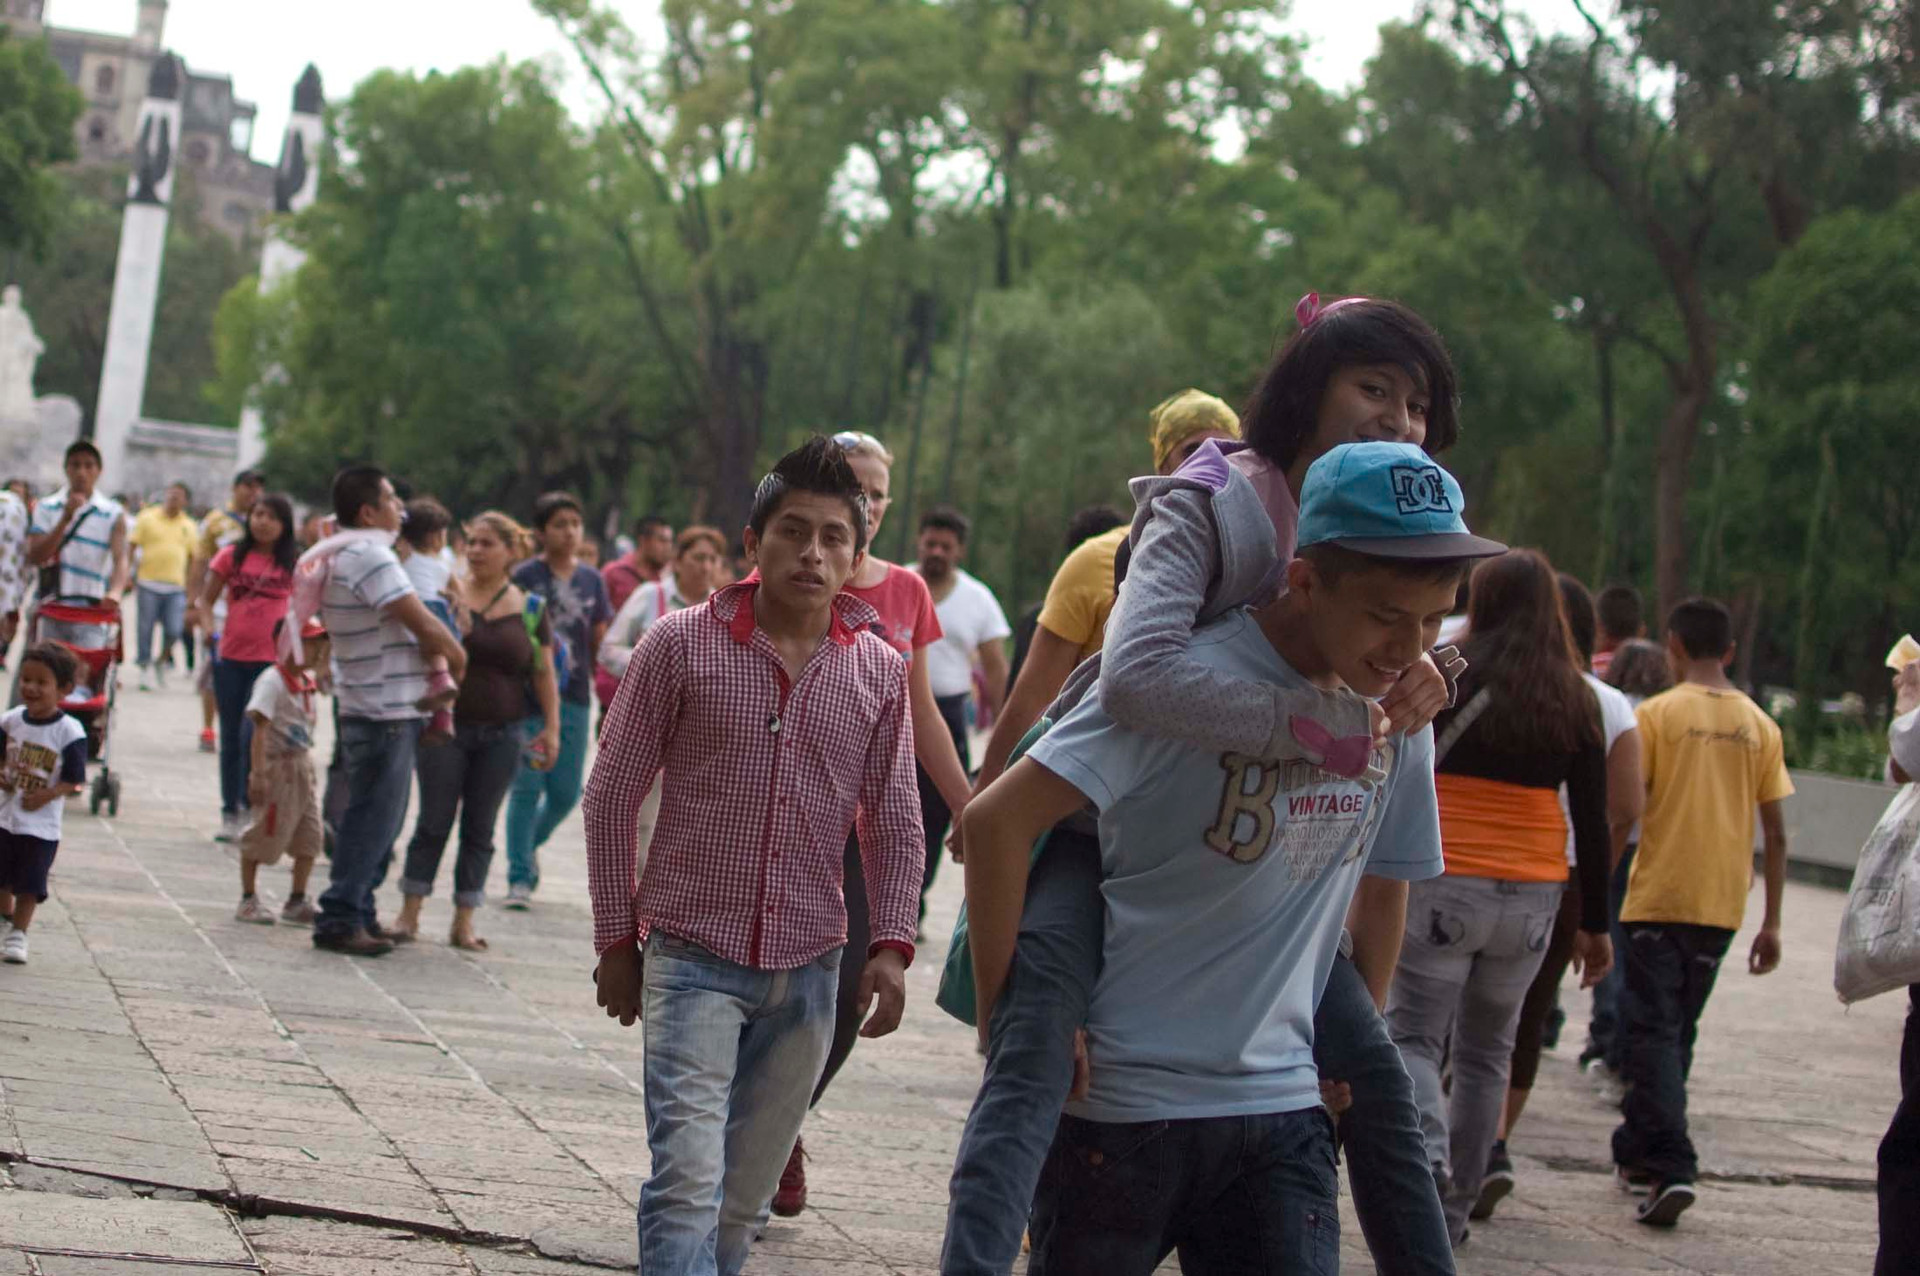 Bosque de Chapultepec, Mexico D.F., 2014